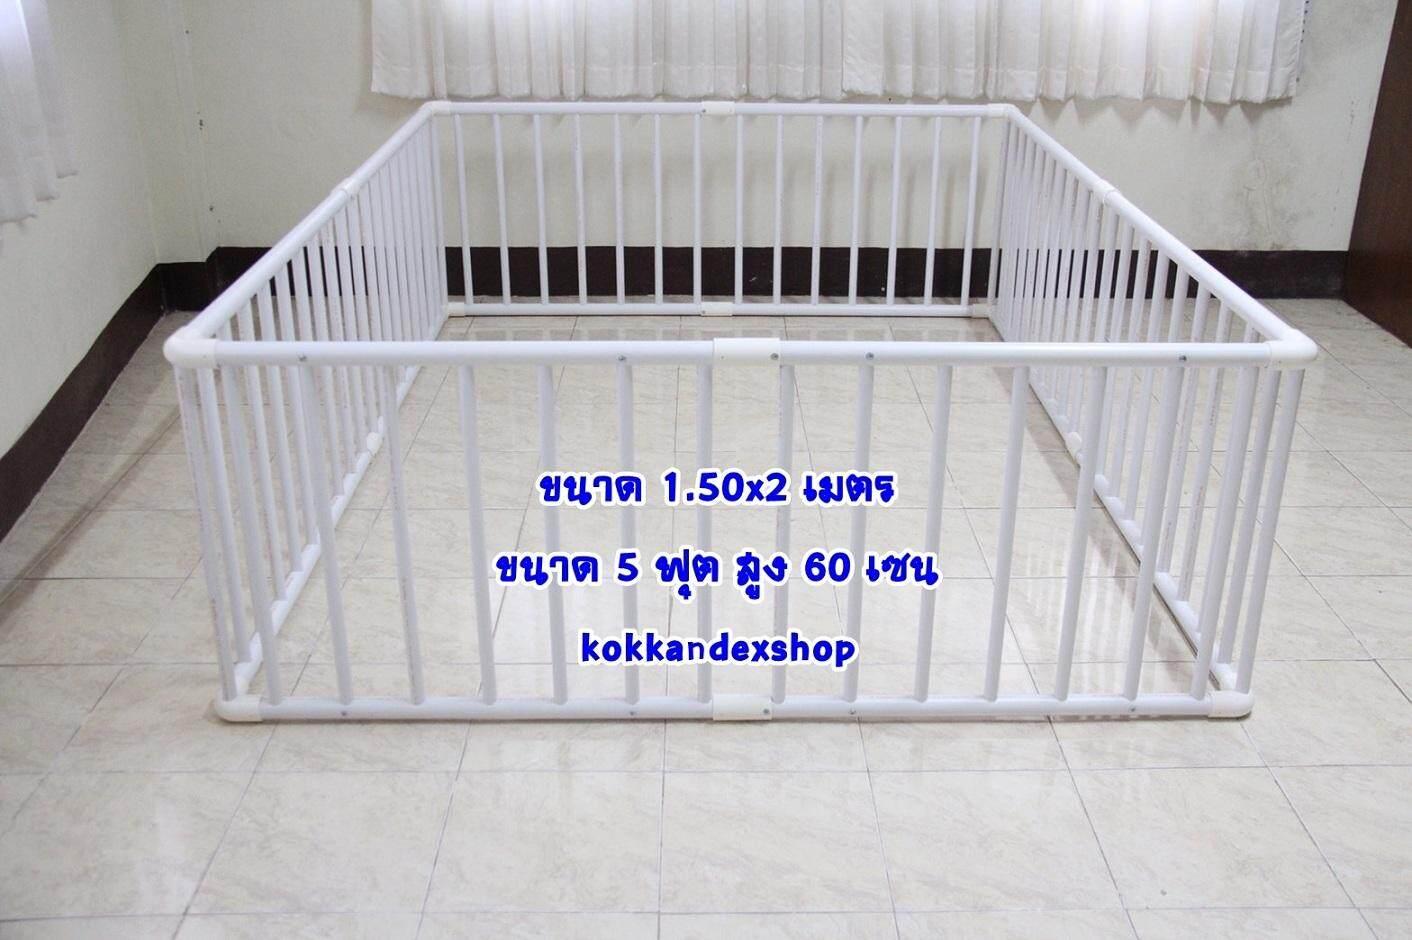 สุดยอดสินค้า!! ( ส่งฟรี Kerry )  คอกกั้นเด็ก 5 ฟุต สูง 60 เซน (150x200cm สูง 60cm)